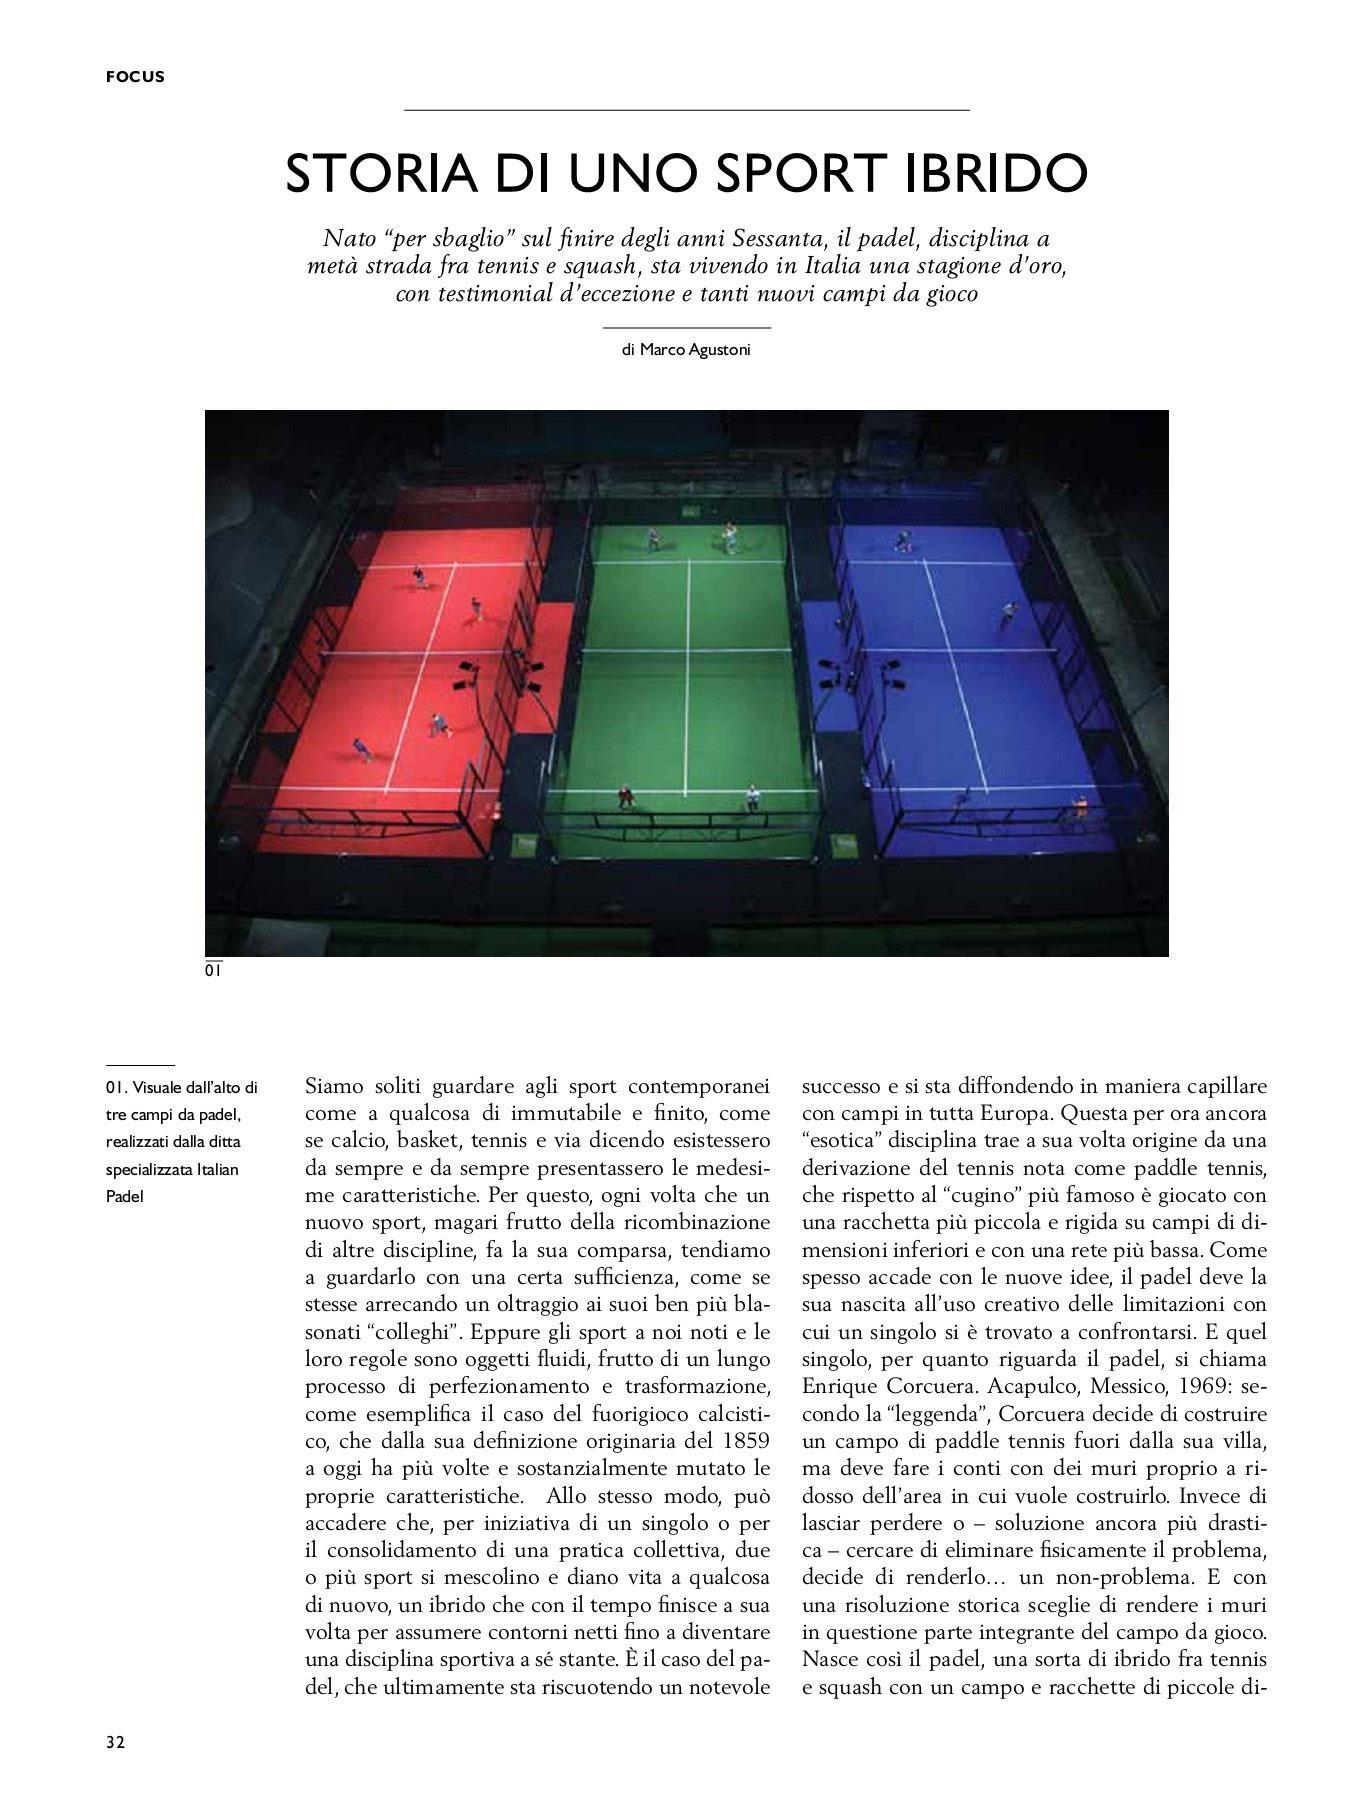 Storia di uno sport ibrido (Club Milano, Febbraio 2019)